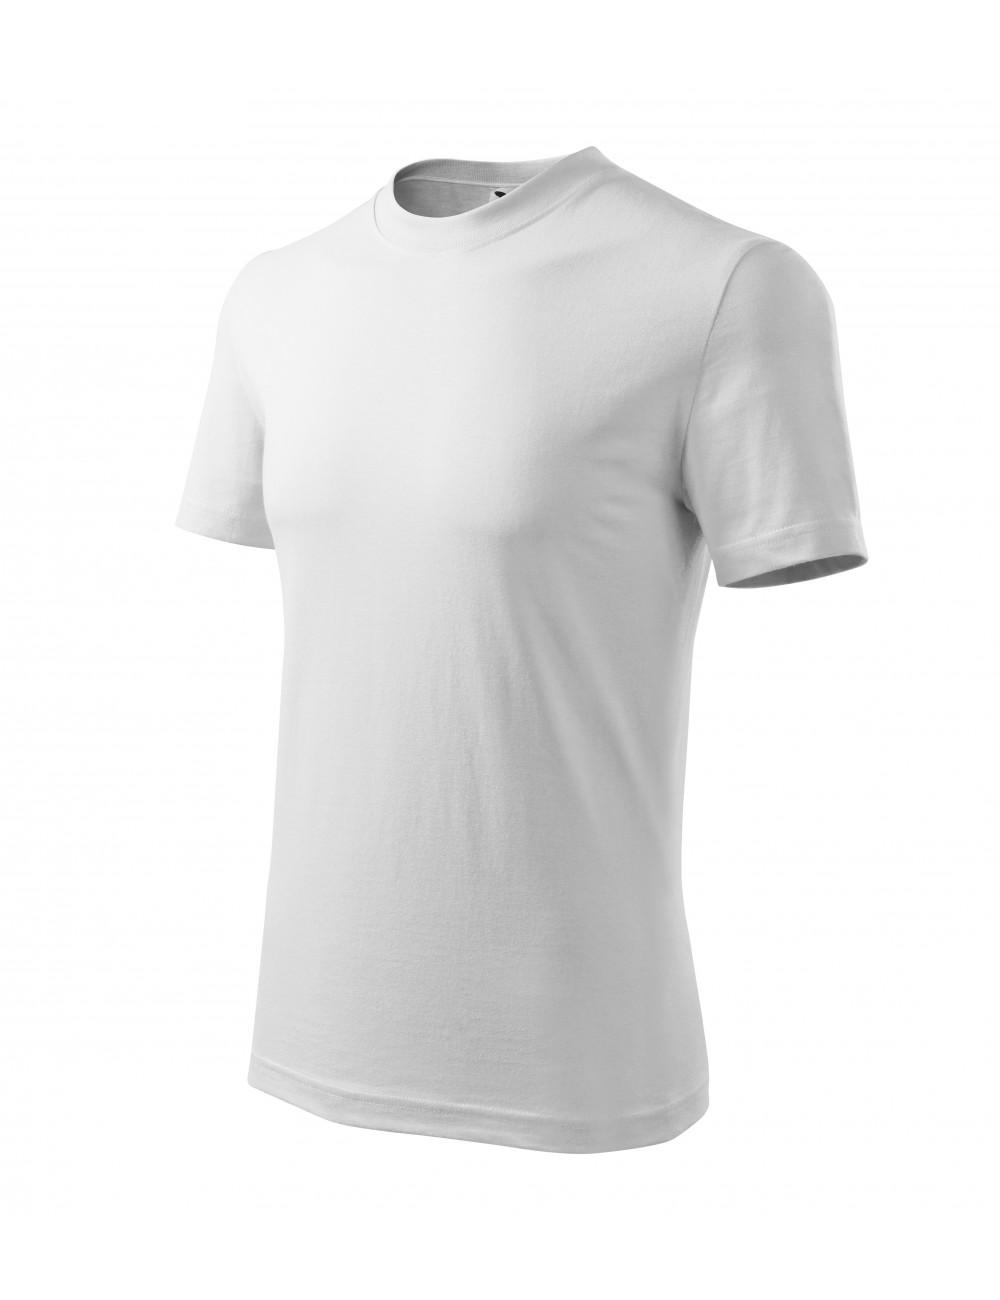 Adler MALFINI Koszulka unisex Classic 101 biały